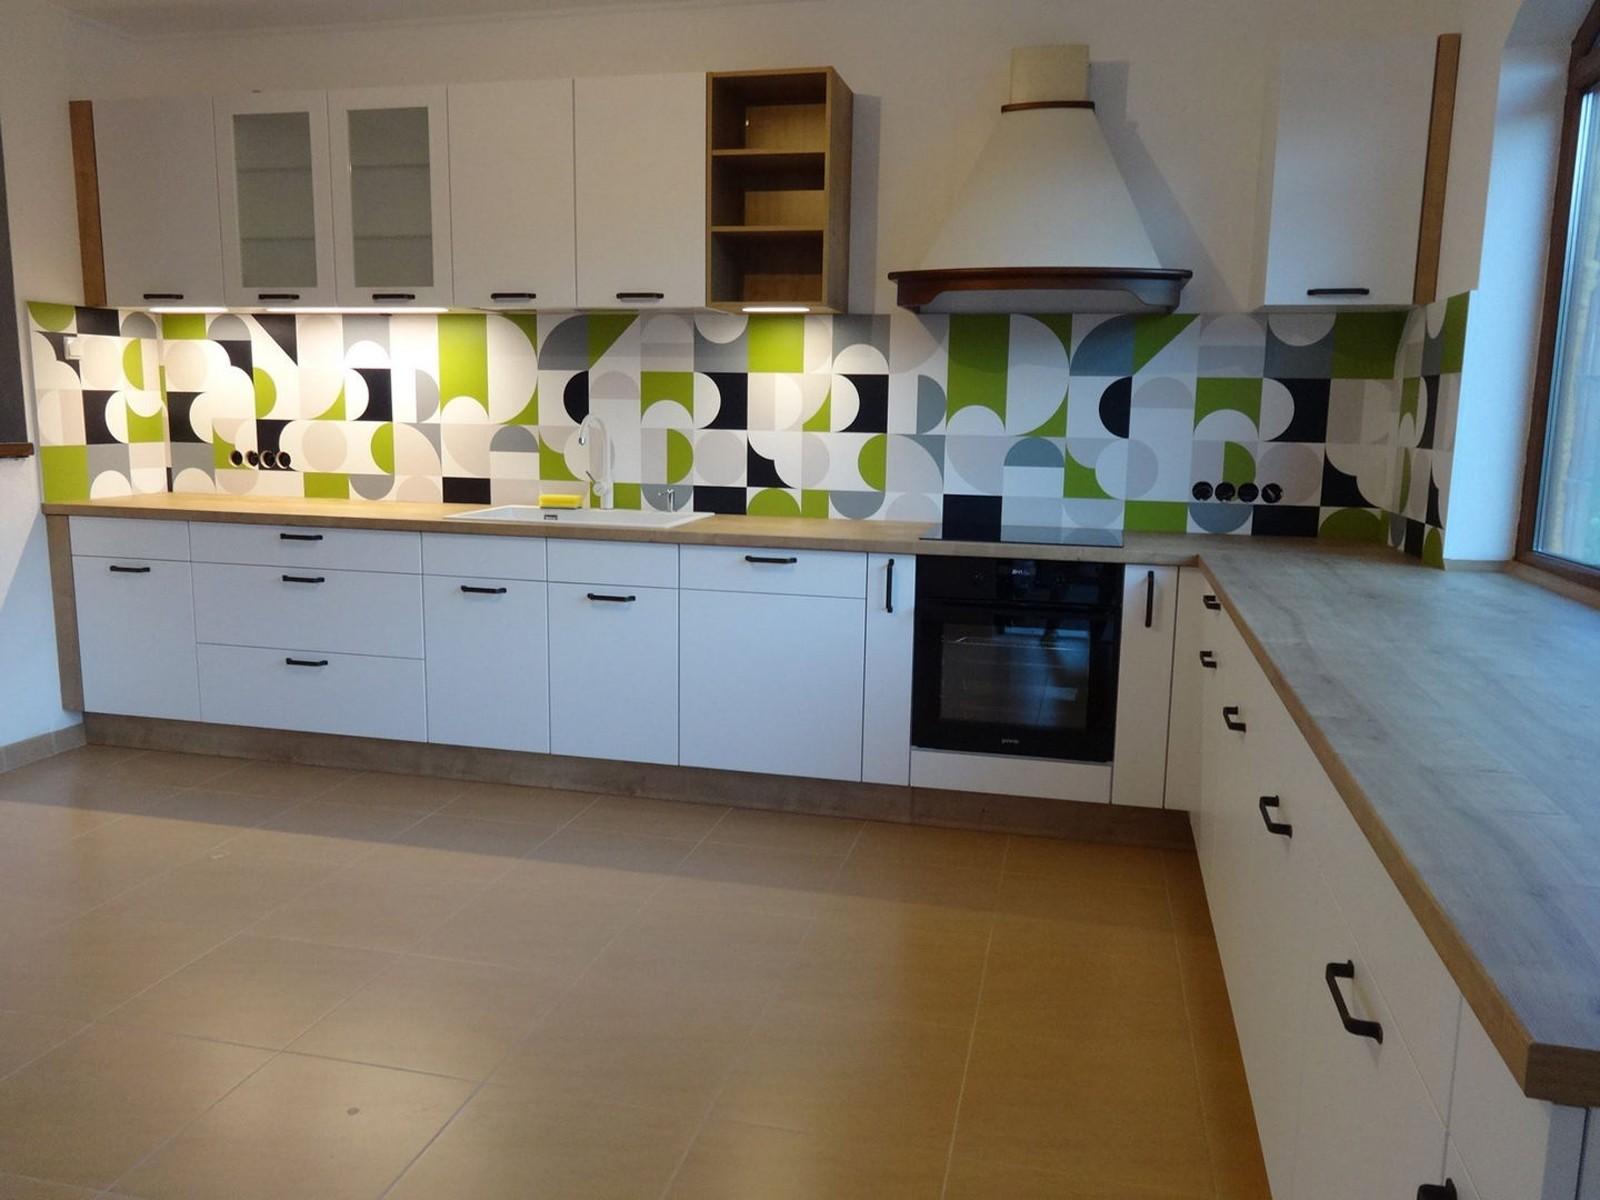 Referință - Bucătărie modernă Nobilia Touch - Alb alpin / Stejar Provence